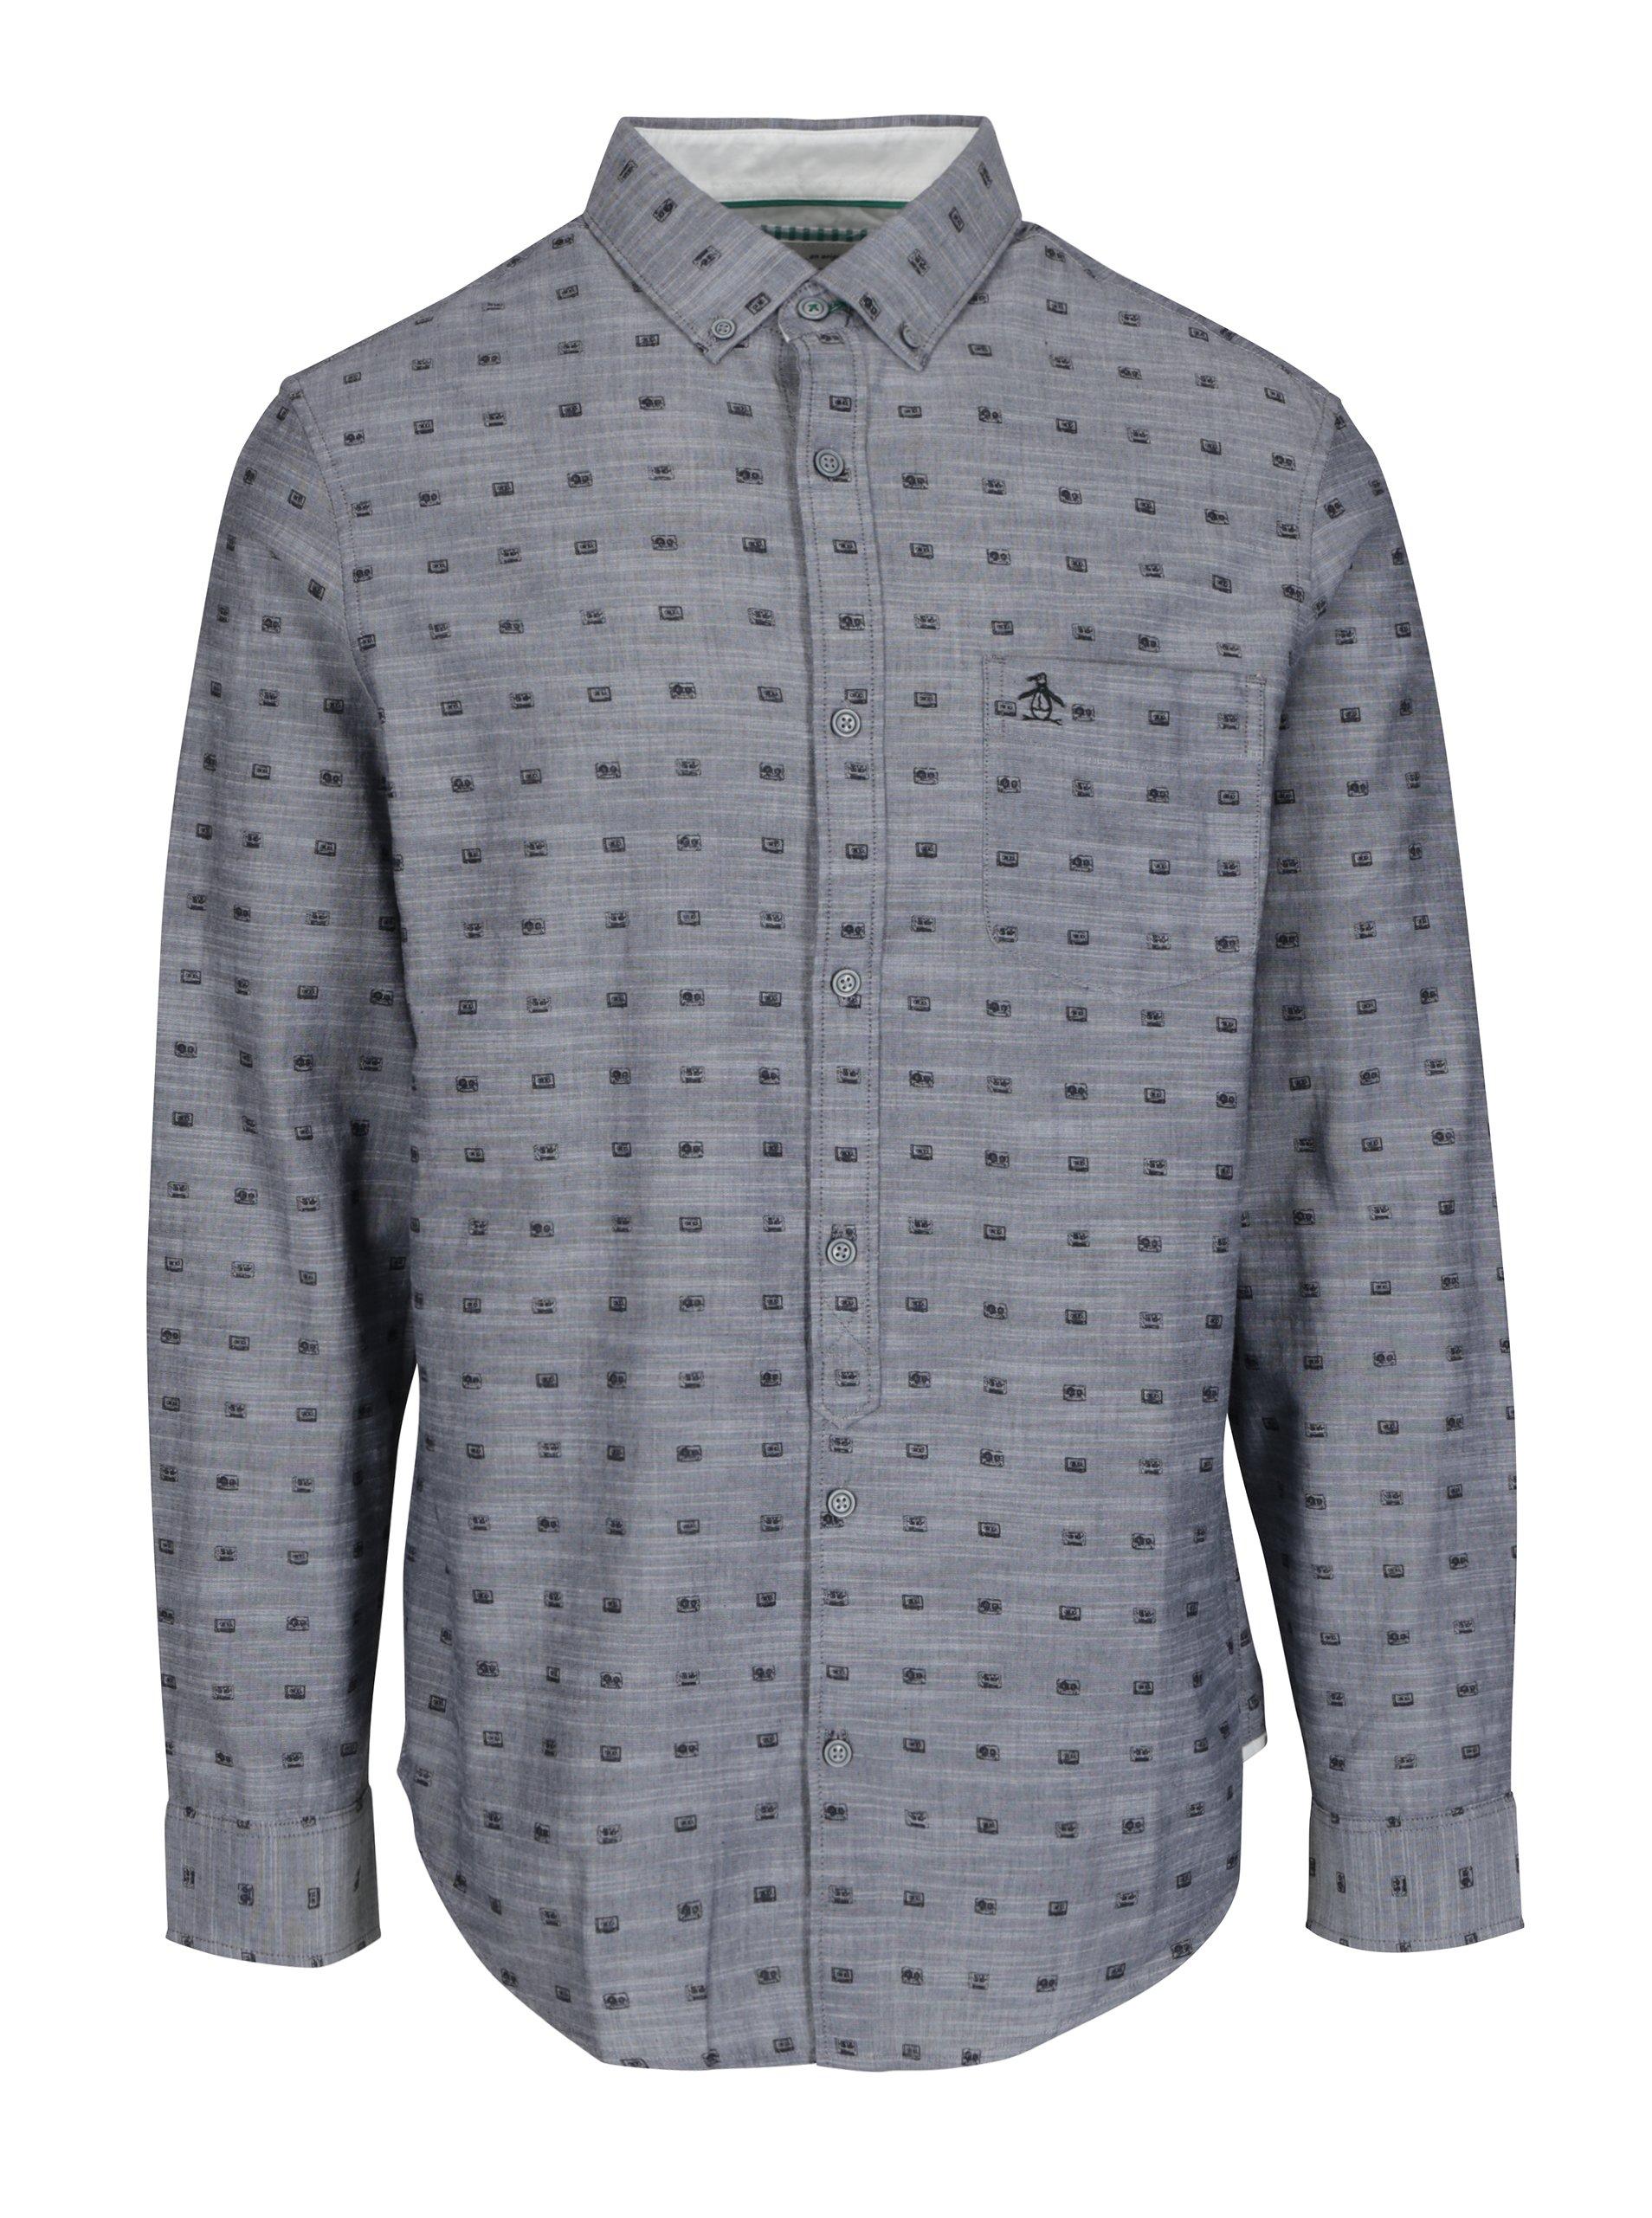 Šedá vzorovaná košile s náprsní kapsou Original Penguin Cassette